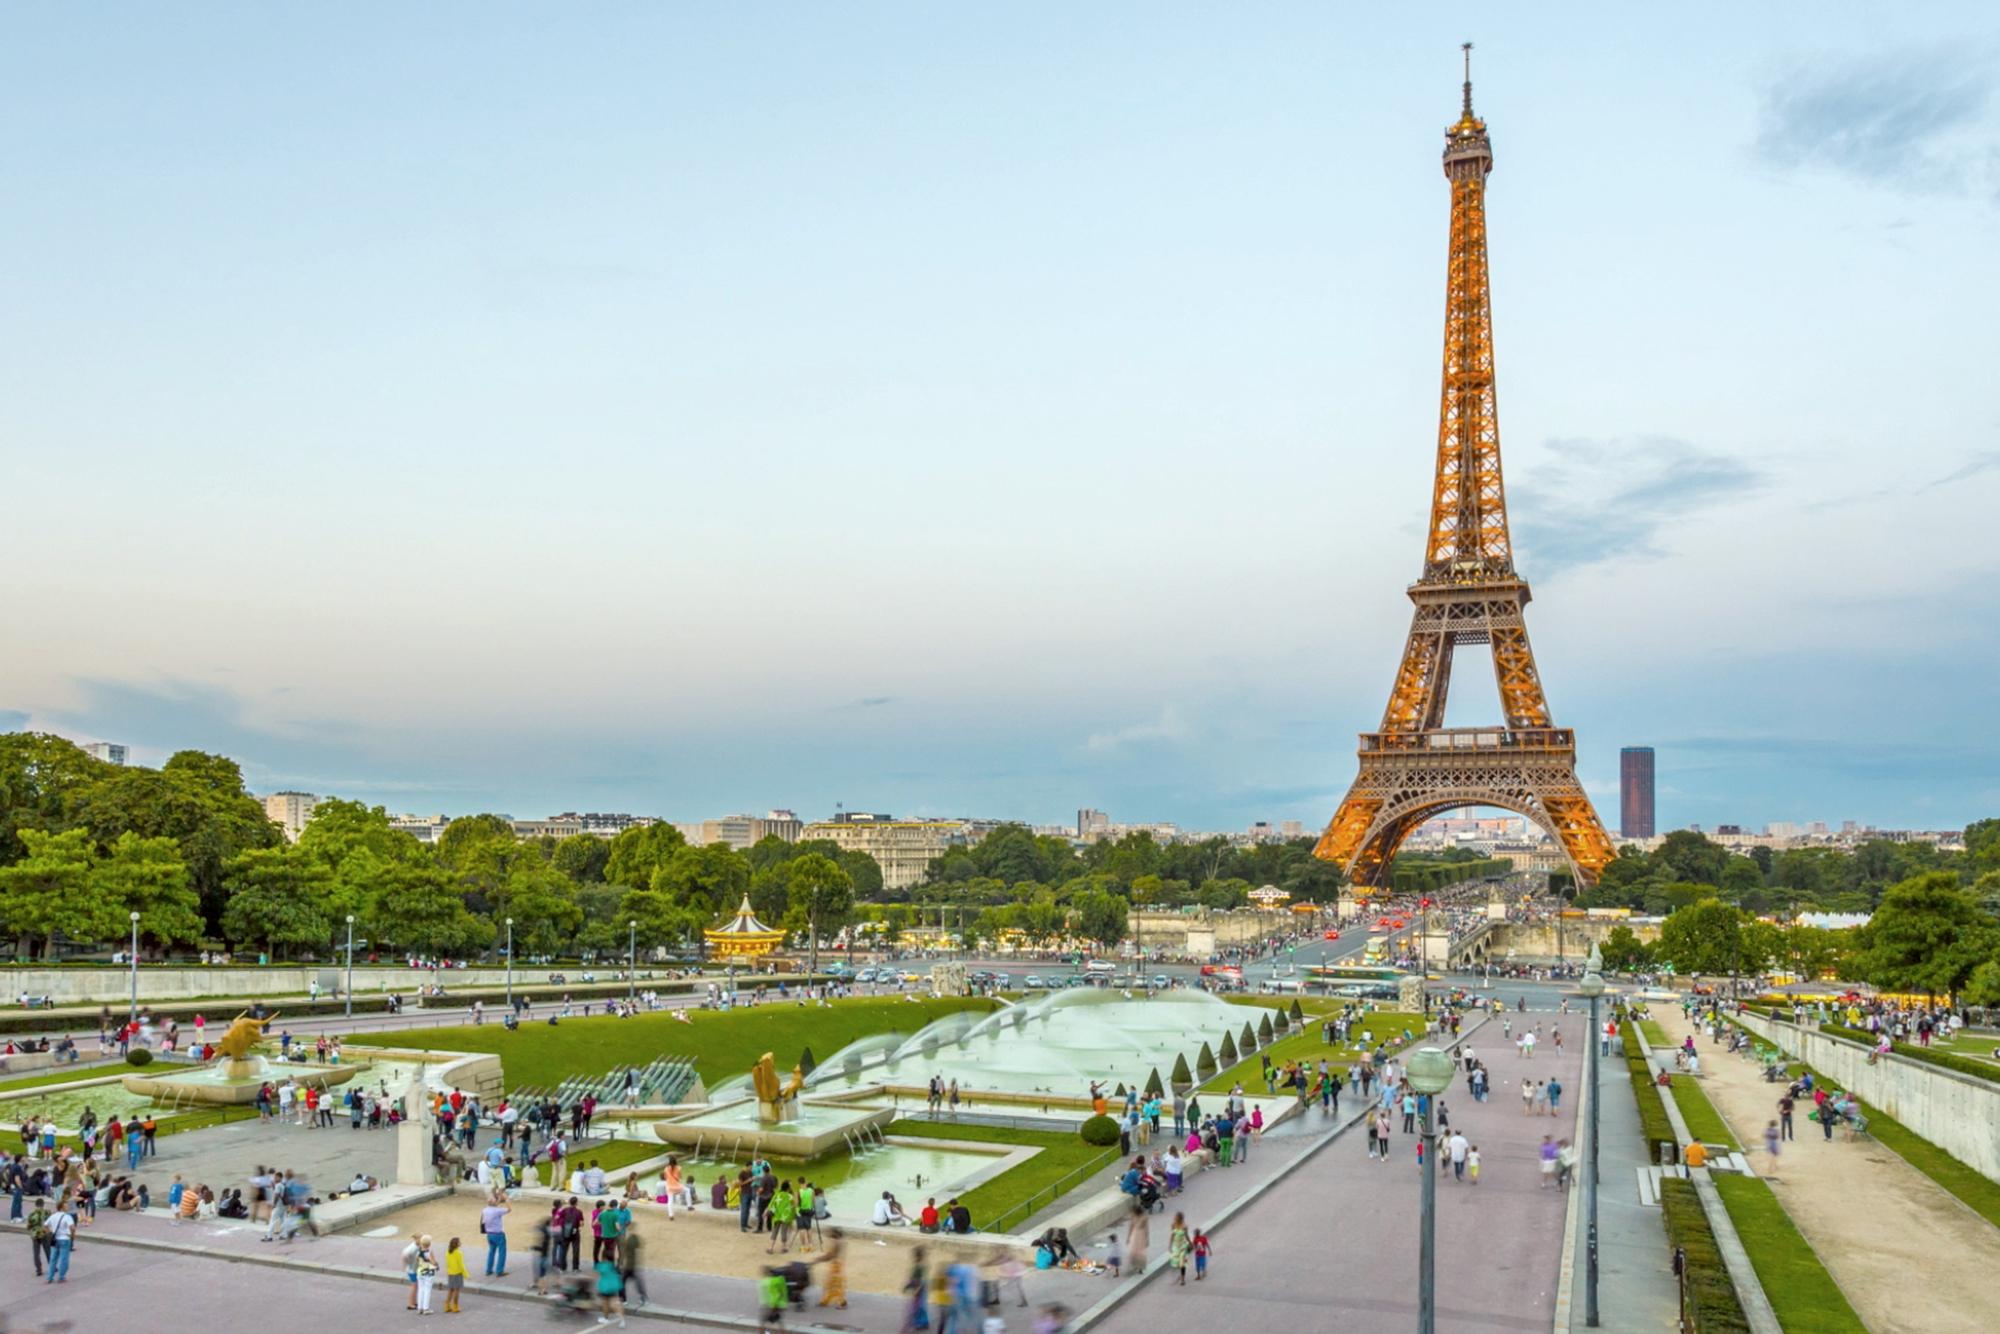 Đi châu Âu đến nơi nào đặc sắc? - Ảnh 5.